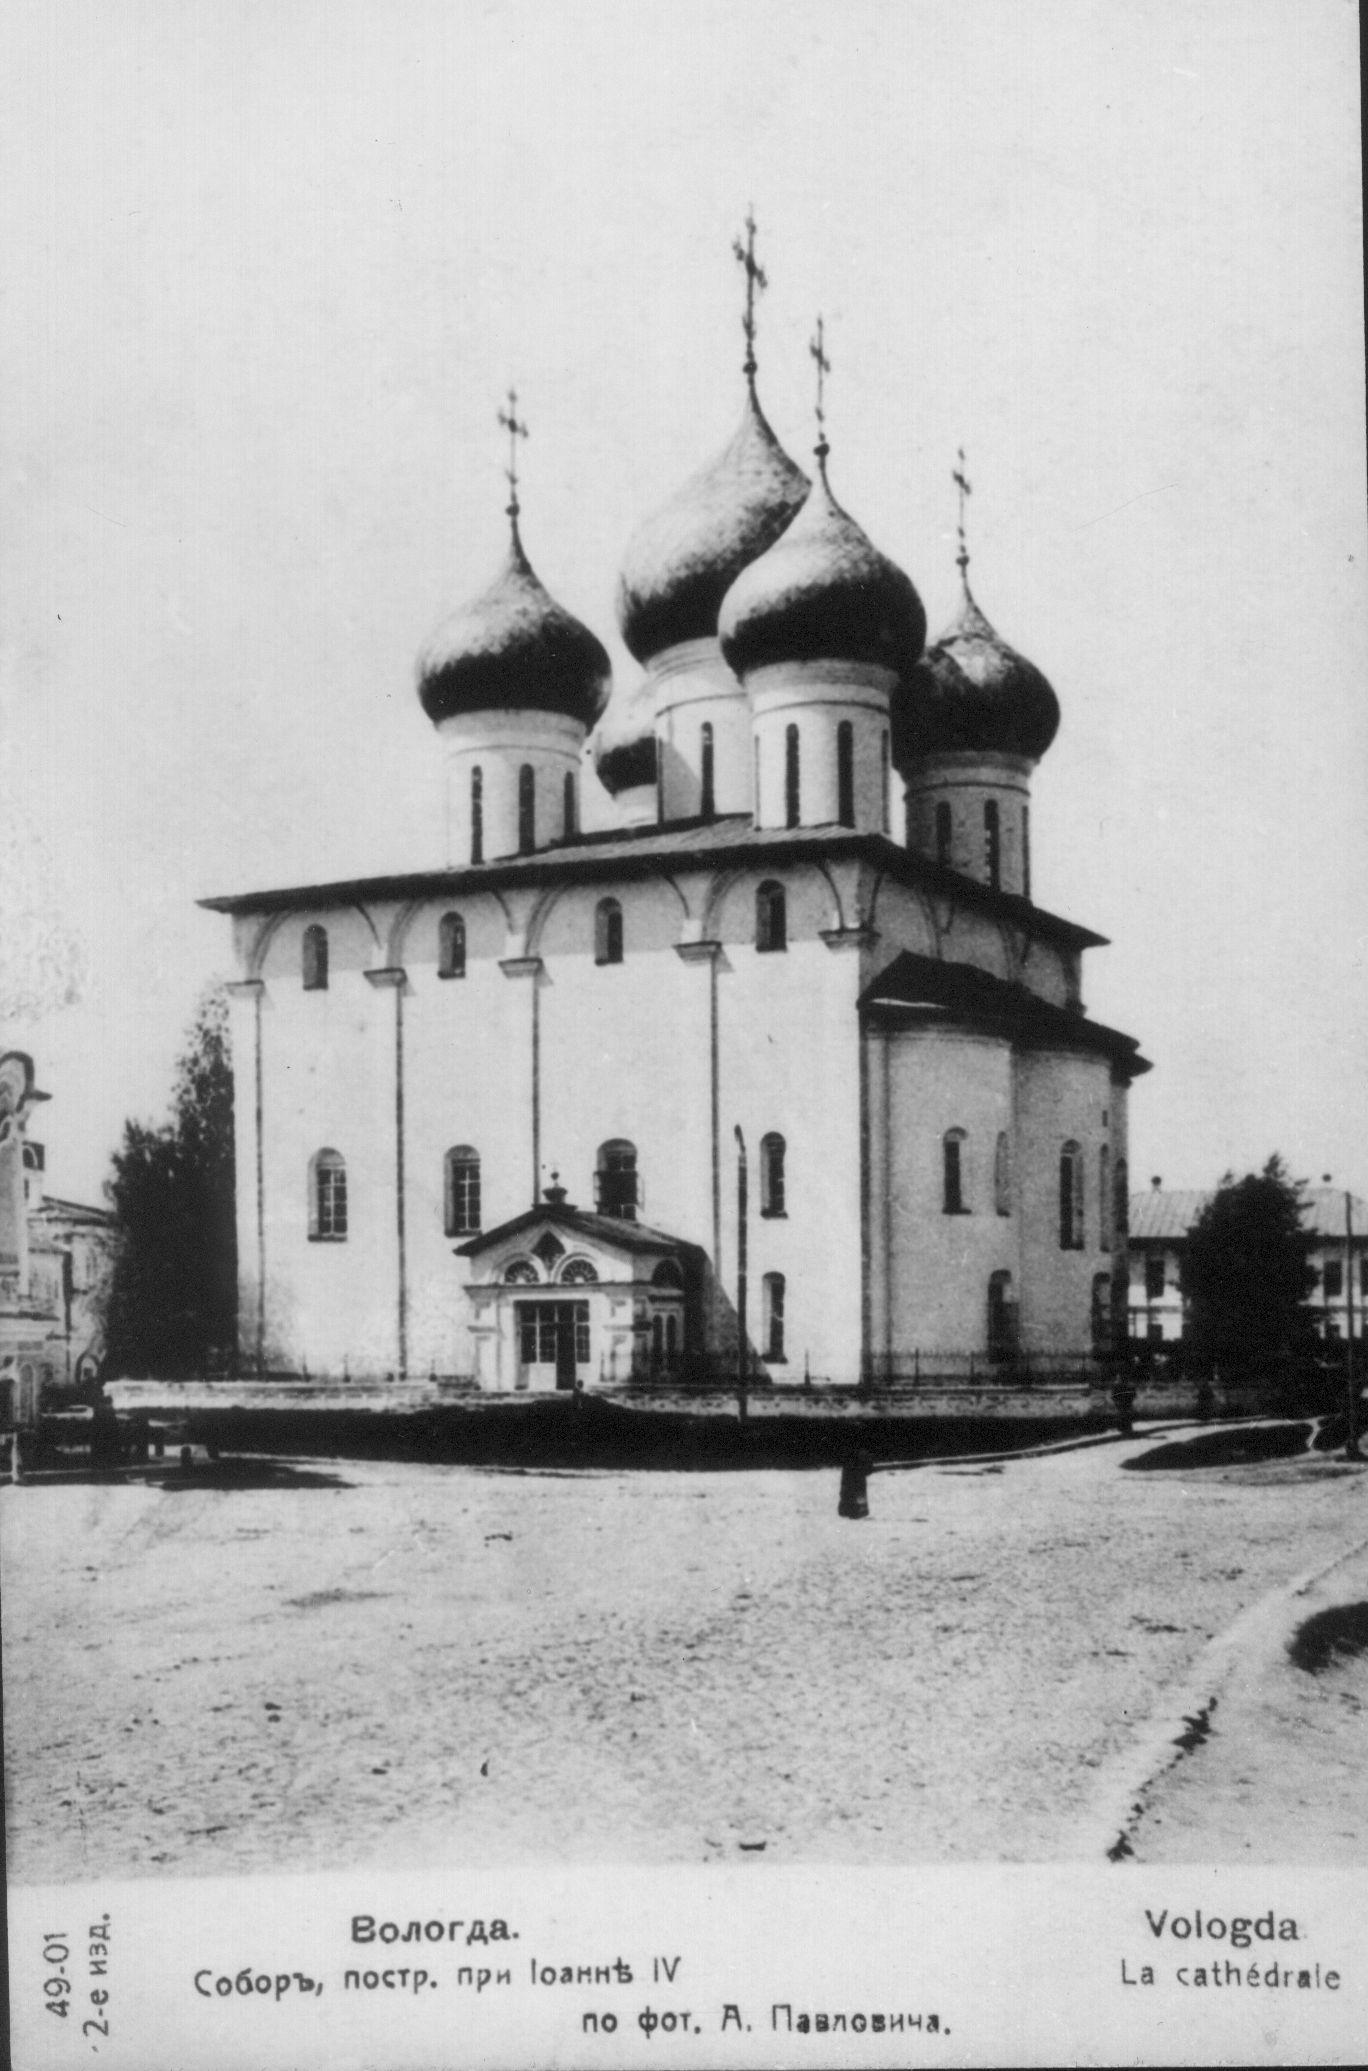 Собор, построенный при Иоанне IV